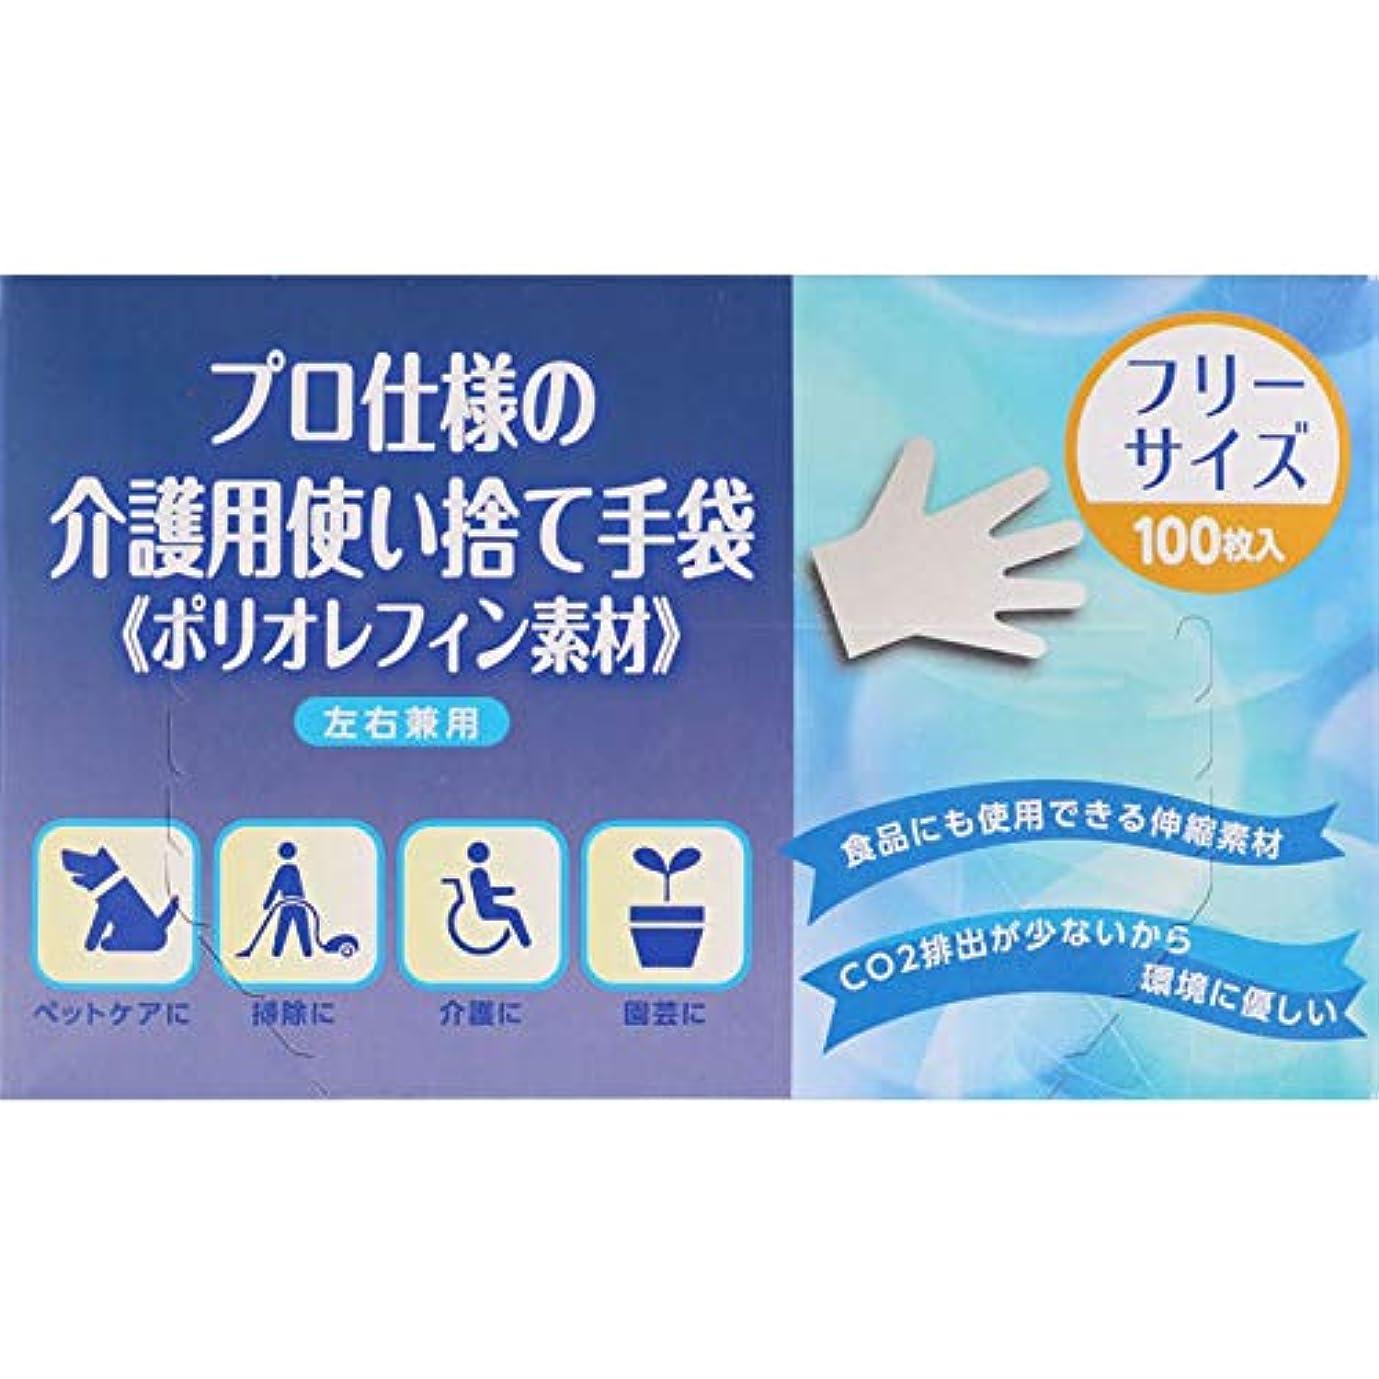 受ける比類のない能力【5個セット】プロ仕様の介護用使い捨て手袋《ポリオレフィン素材》 100枚